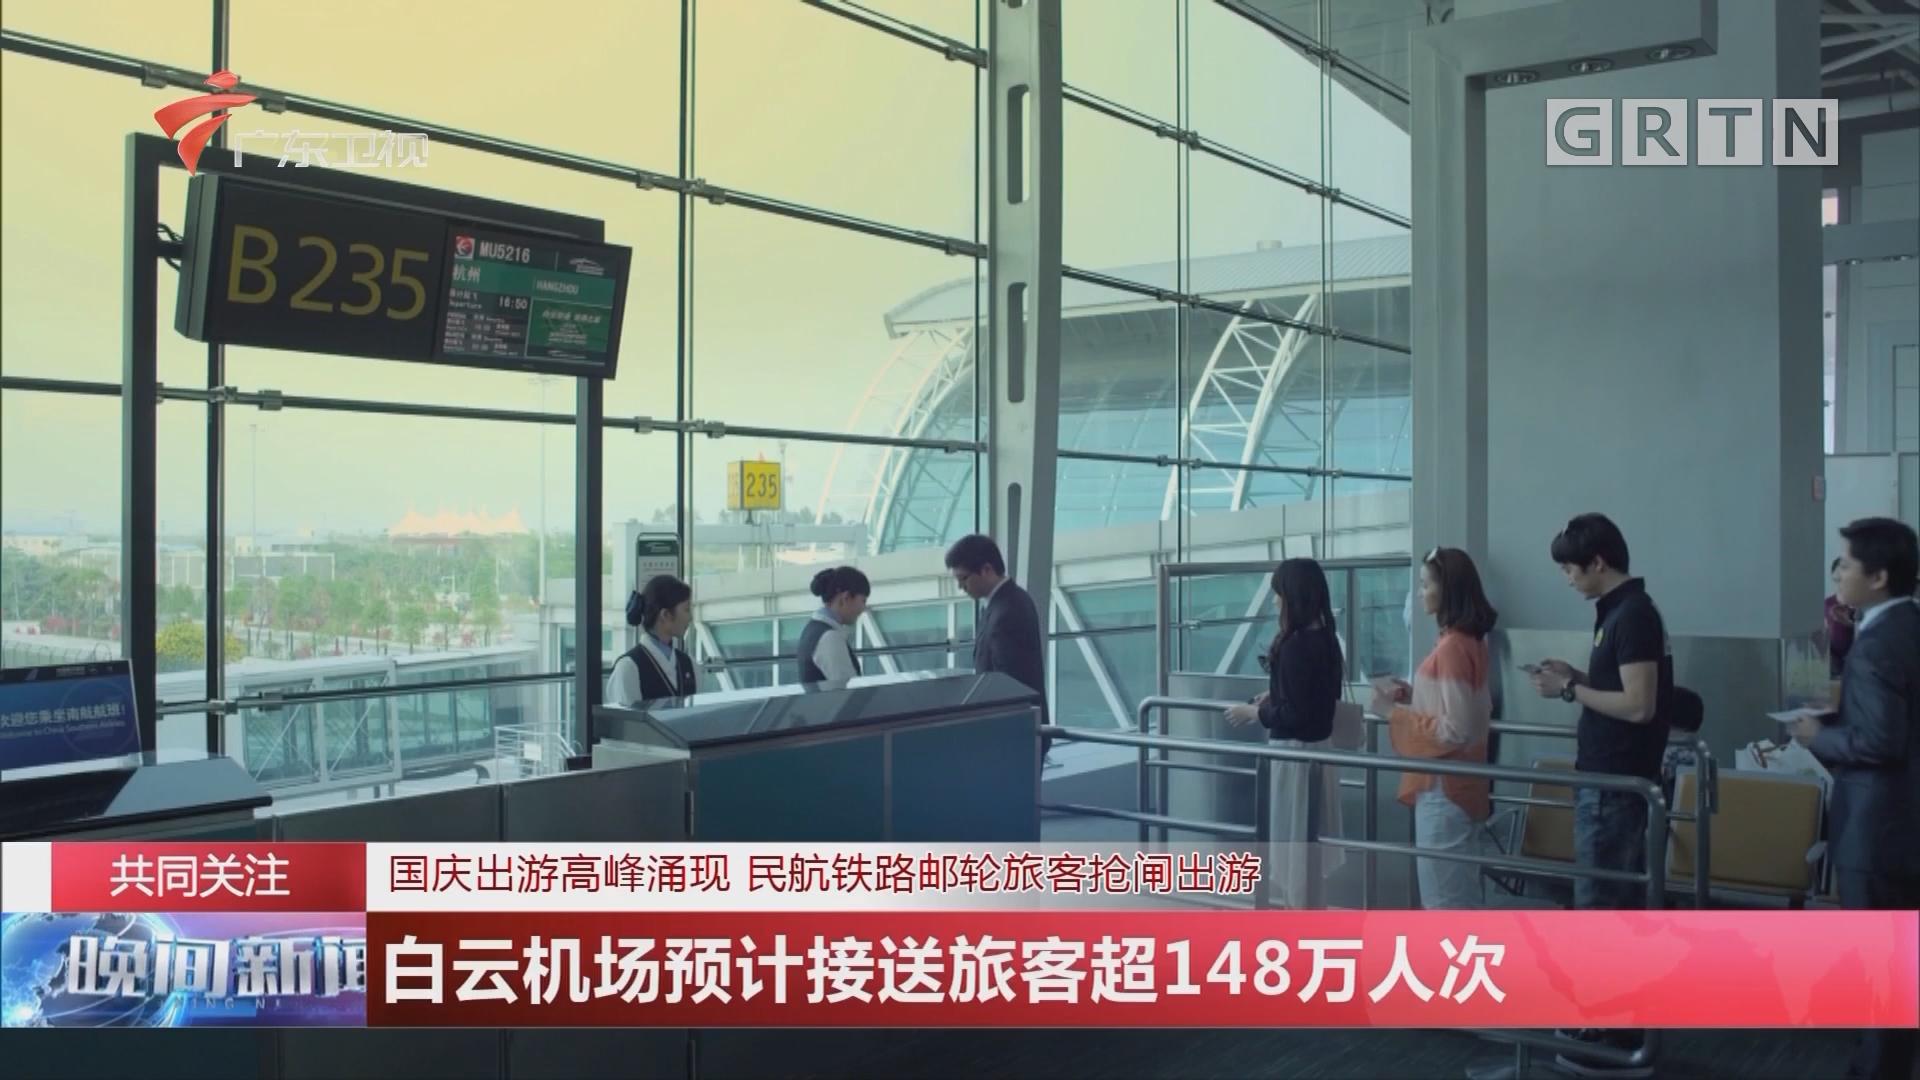 白云机场预计接送旅客超148万人次